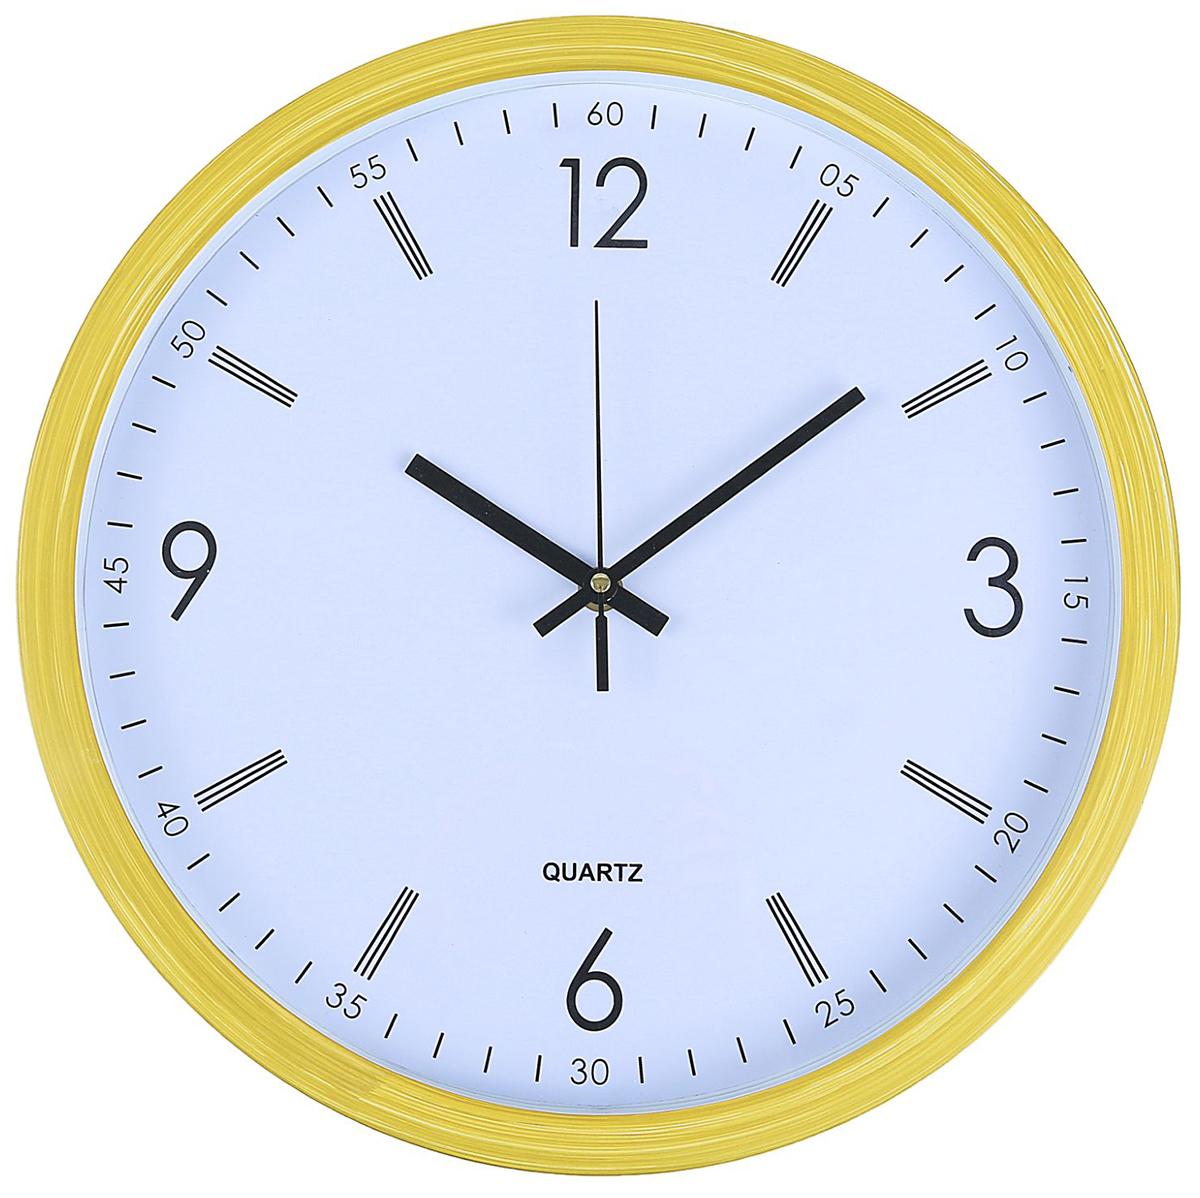 Часы настенные Минимал, диаметр 35 см хочу продать свою квартиру которая менее 3х лет и другую какие налоги надо заплатить